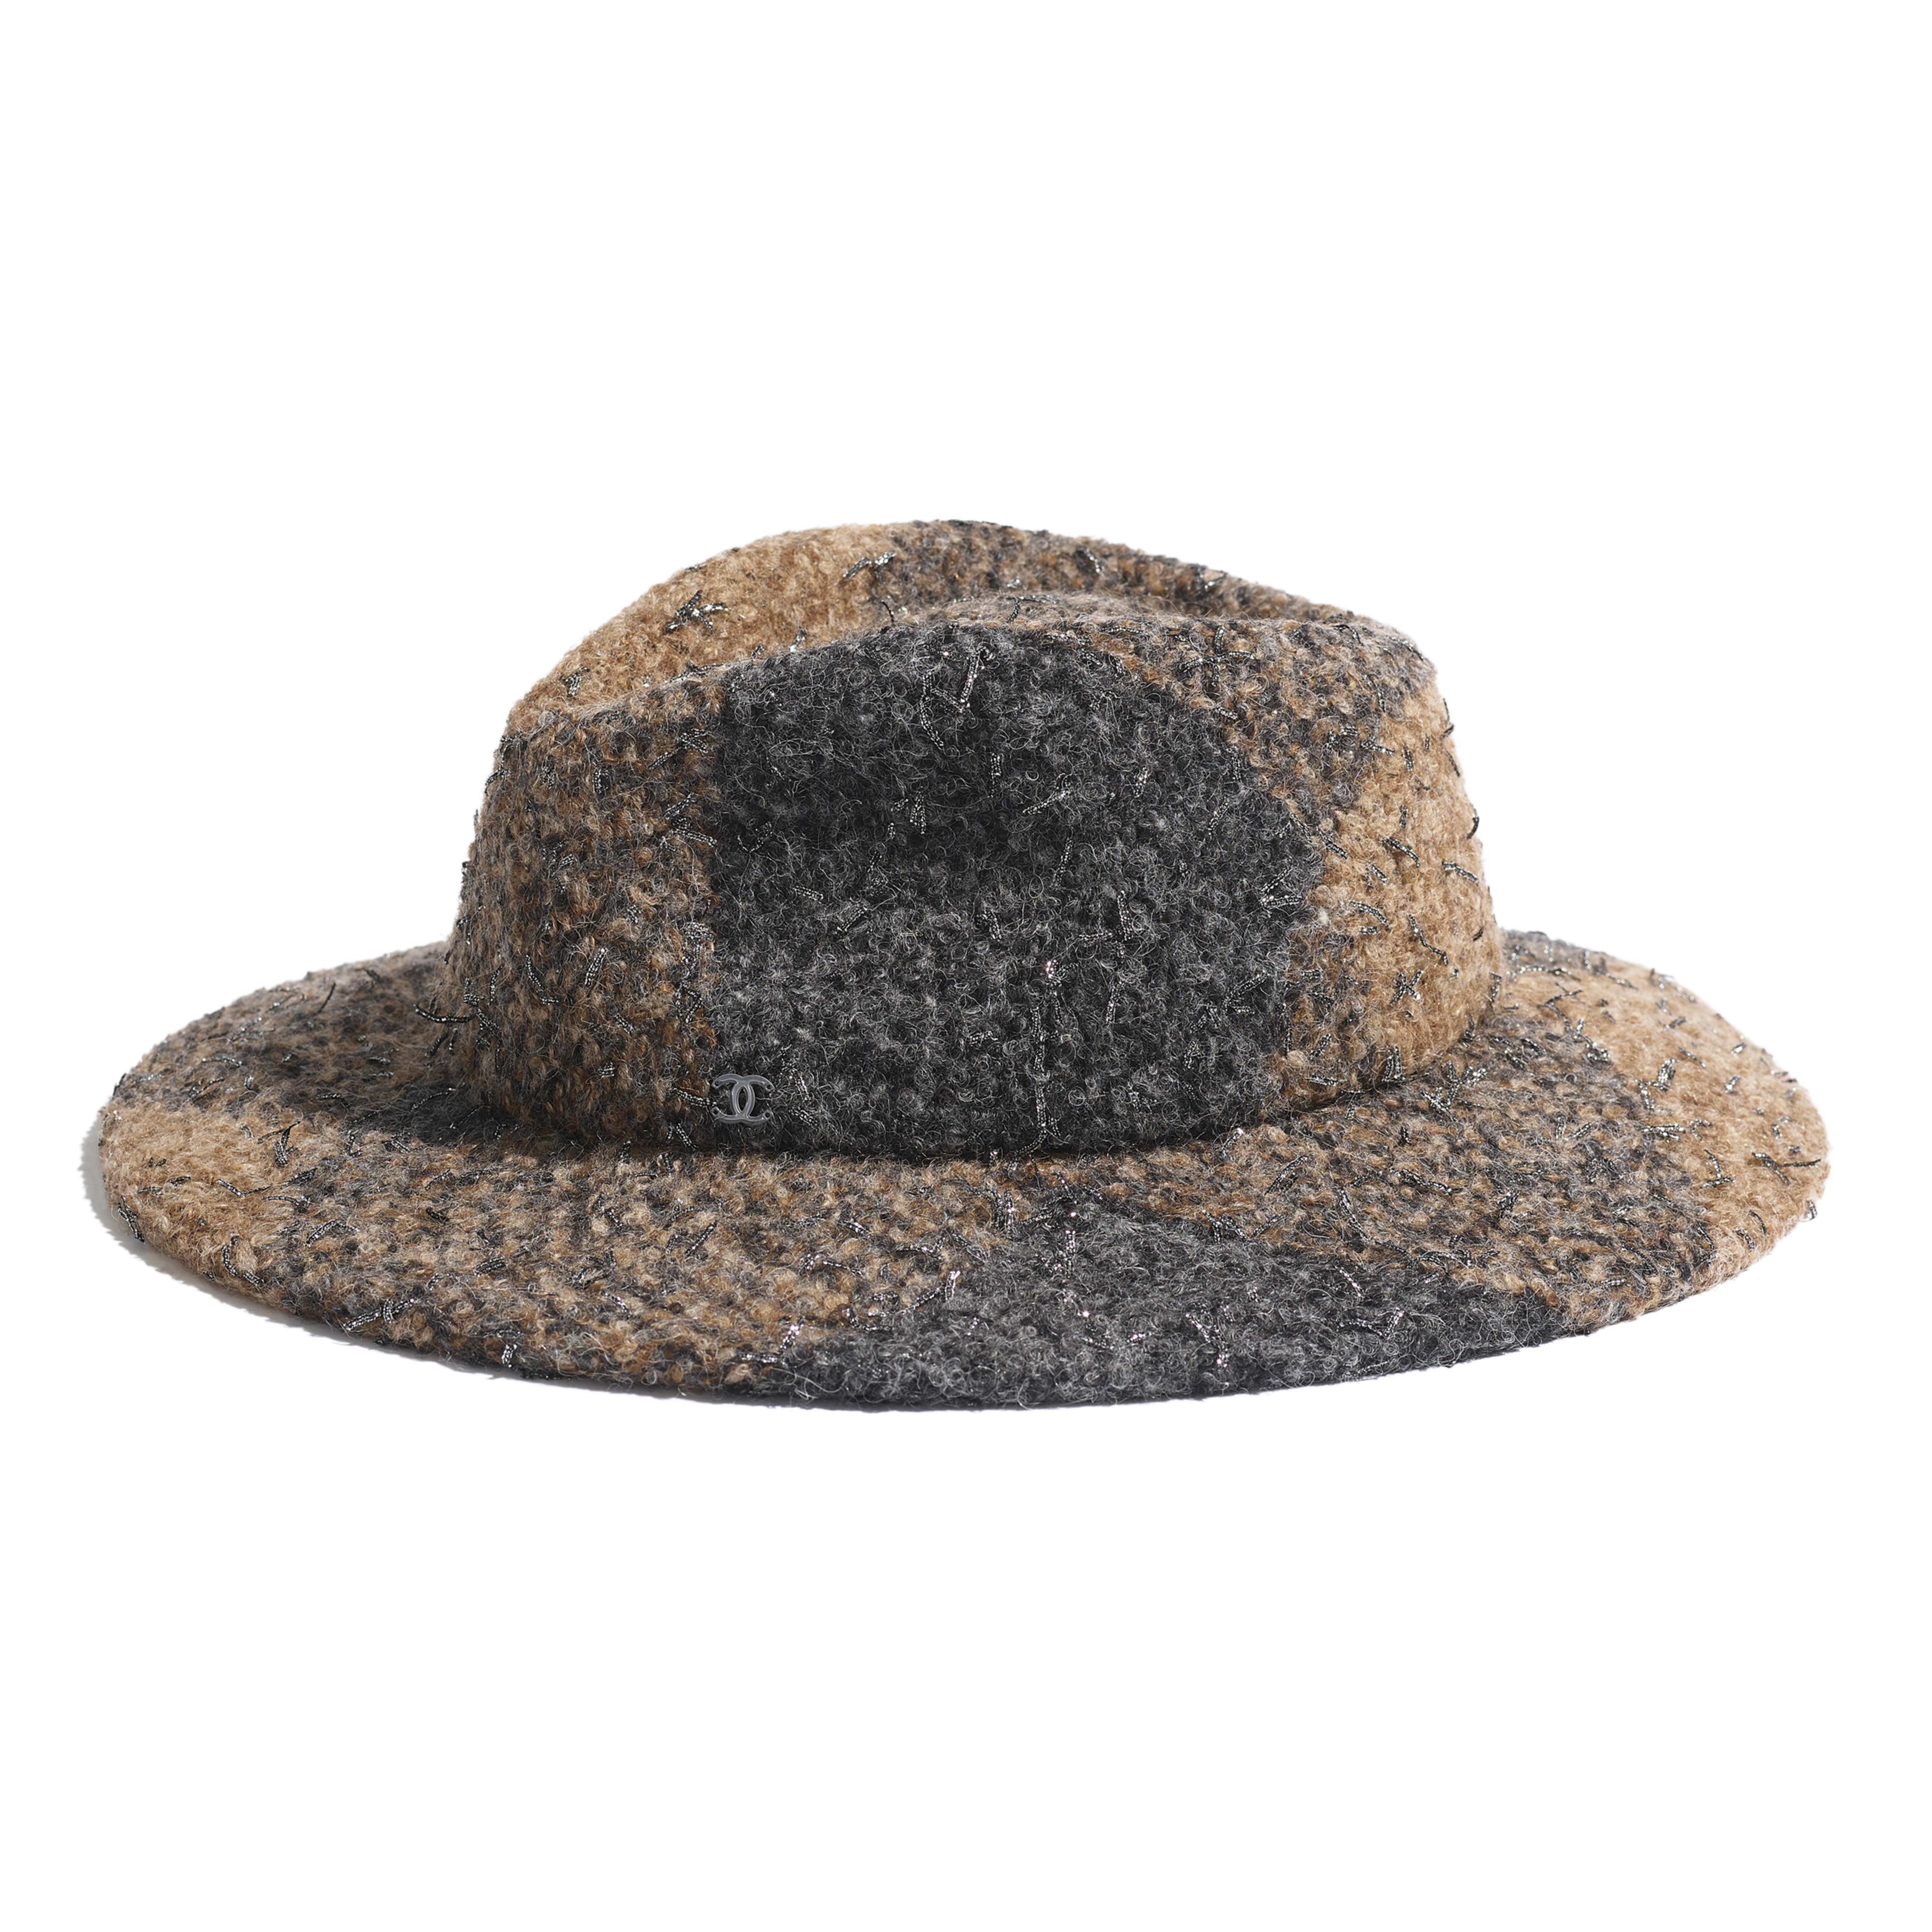 Fedora Hat - Brown & Grey - Felt & Wool Tweed - Default view - see full sized version